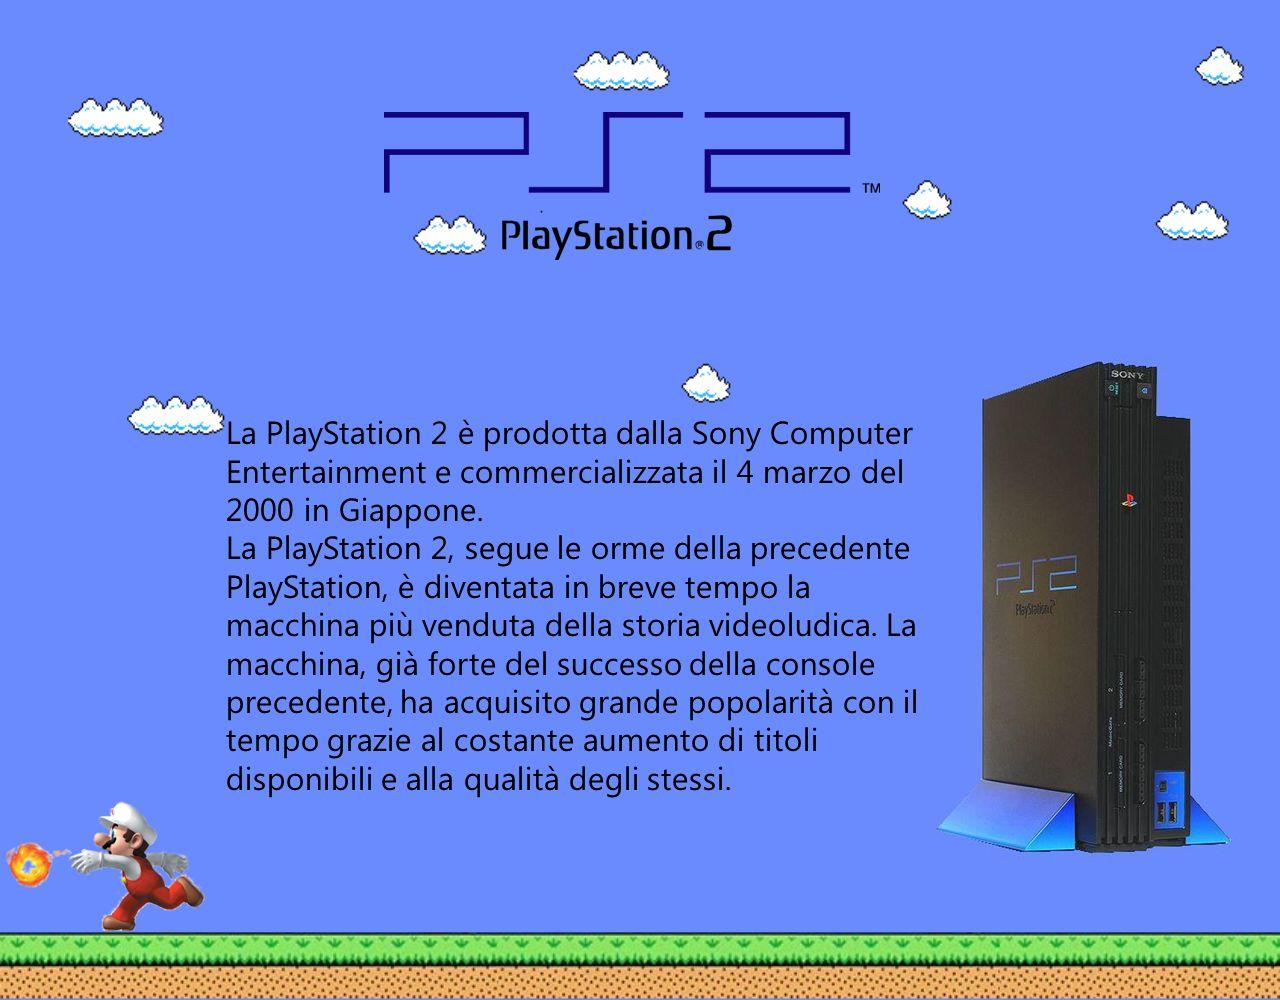 La PlayStation 2 è prodotta dalla Sony Computer Entertainment e commercializzata il 4 marzo del 2000 in Giappone.